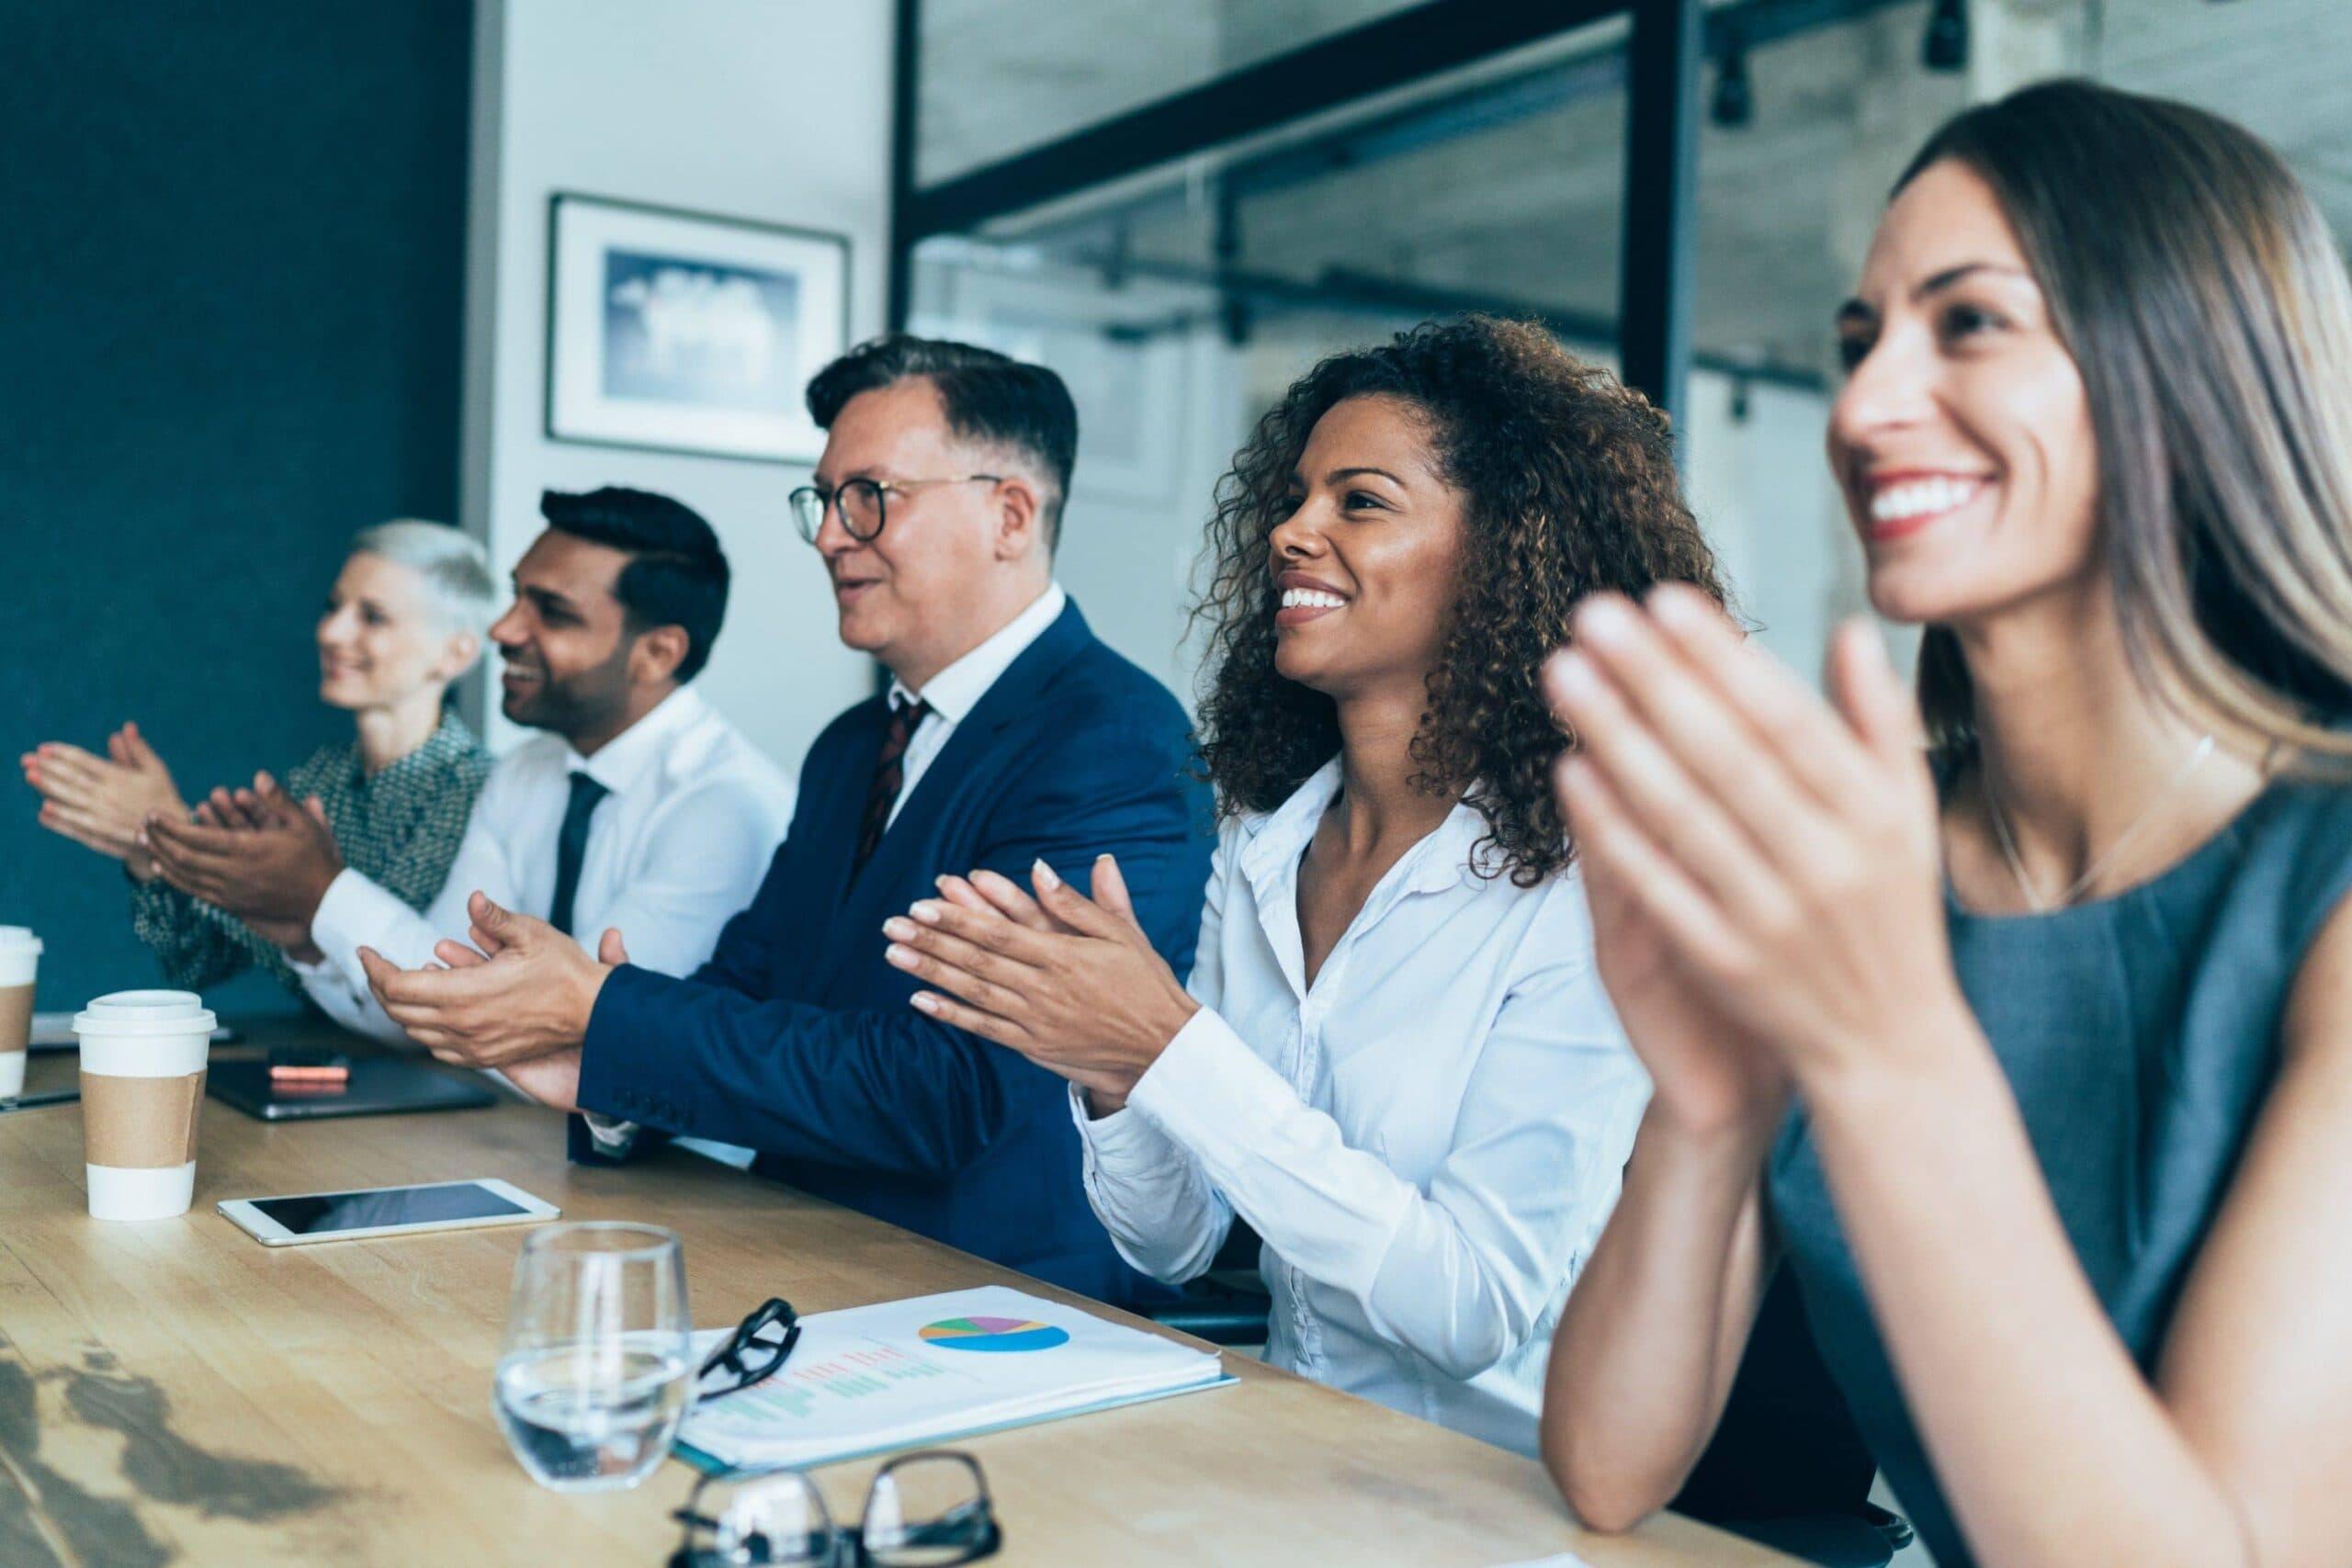 ¿No sabe cómo motivar a los colaboradores? ¡Consulte las 8 mejores formas!